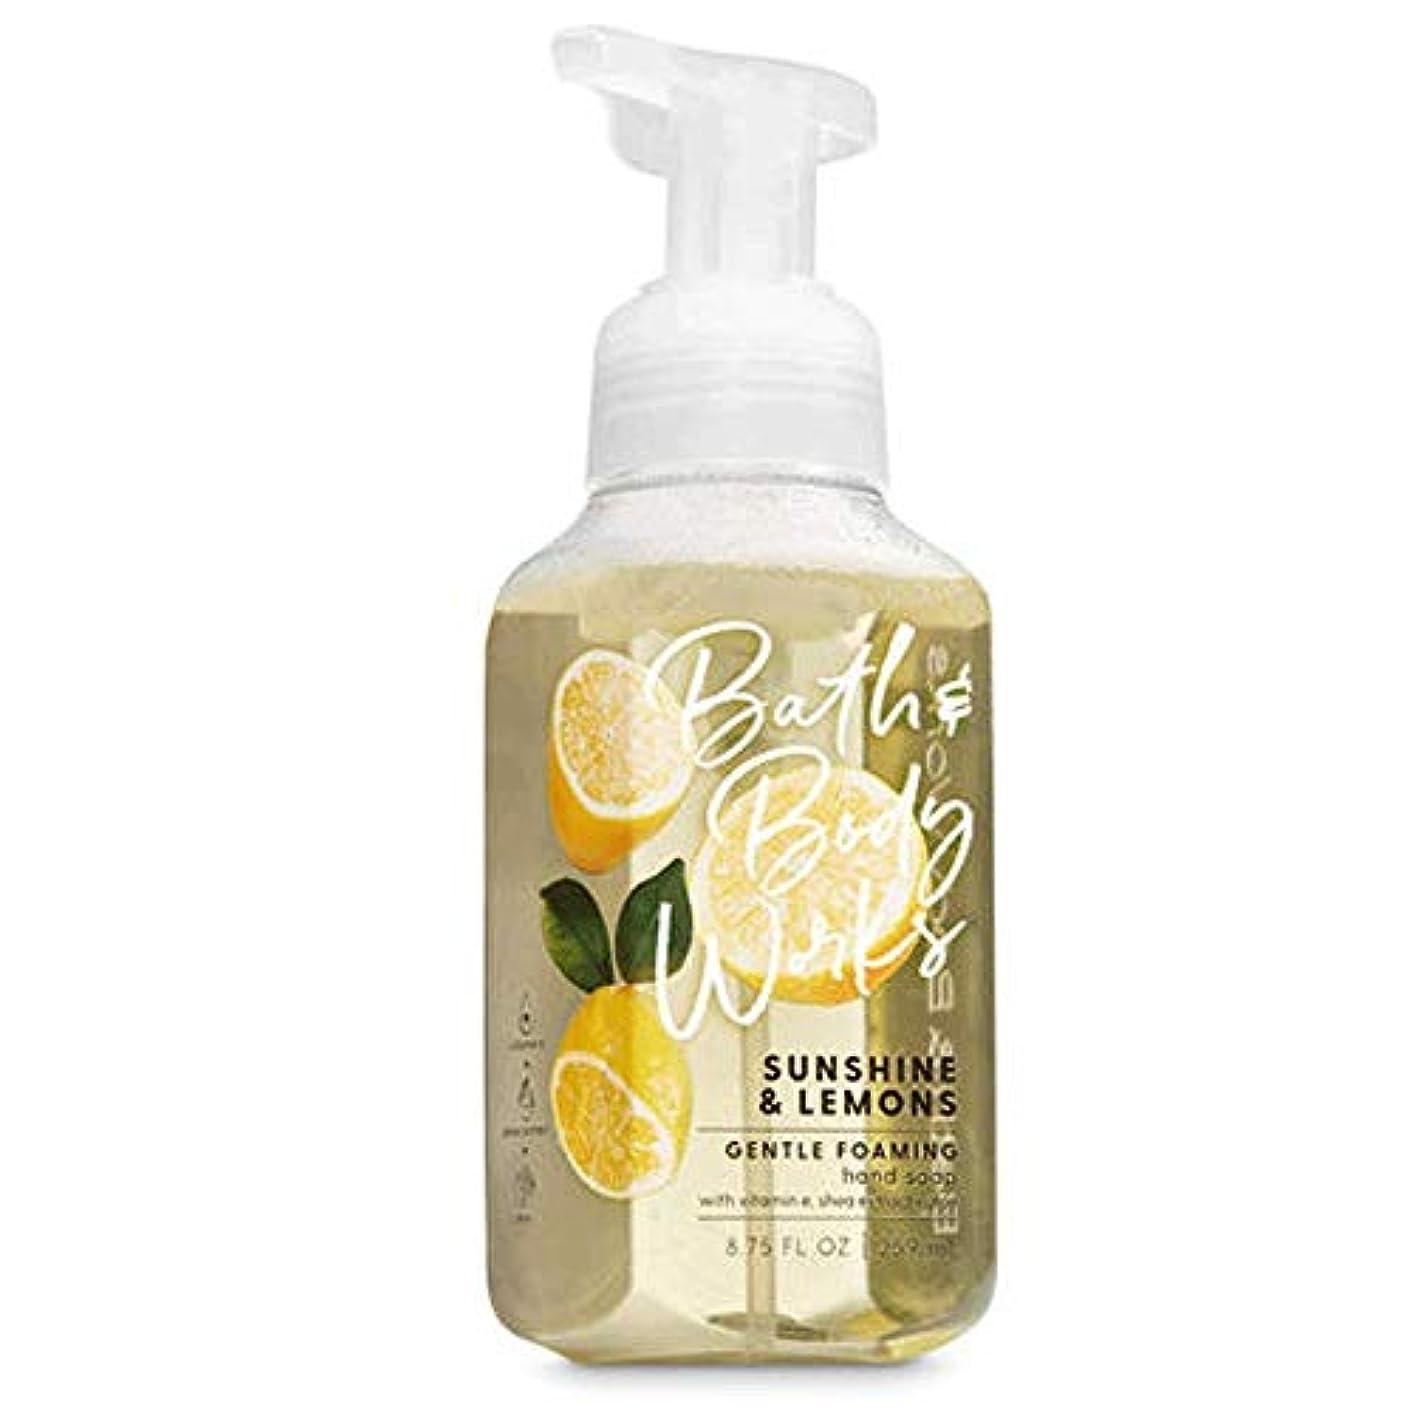 眉をひそめる同時連隊バス&ボディワークス サンシャインレモン ジェントル フォーミング ハンドソープ Sunshine & Lemons Gentle Foaming Hand Soap